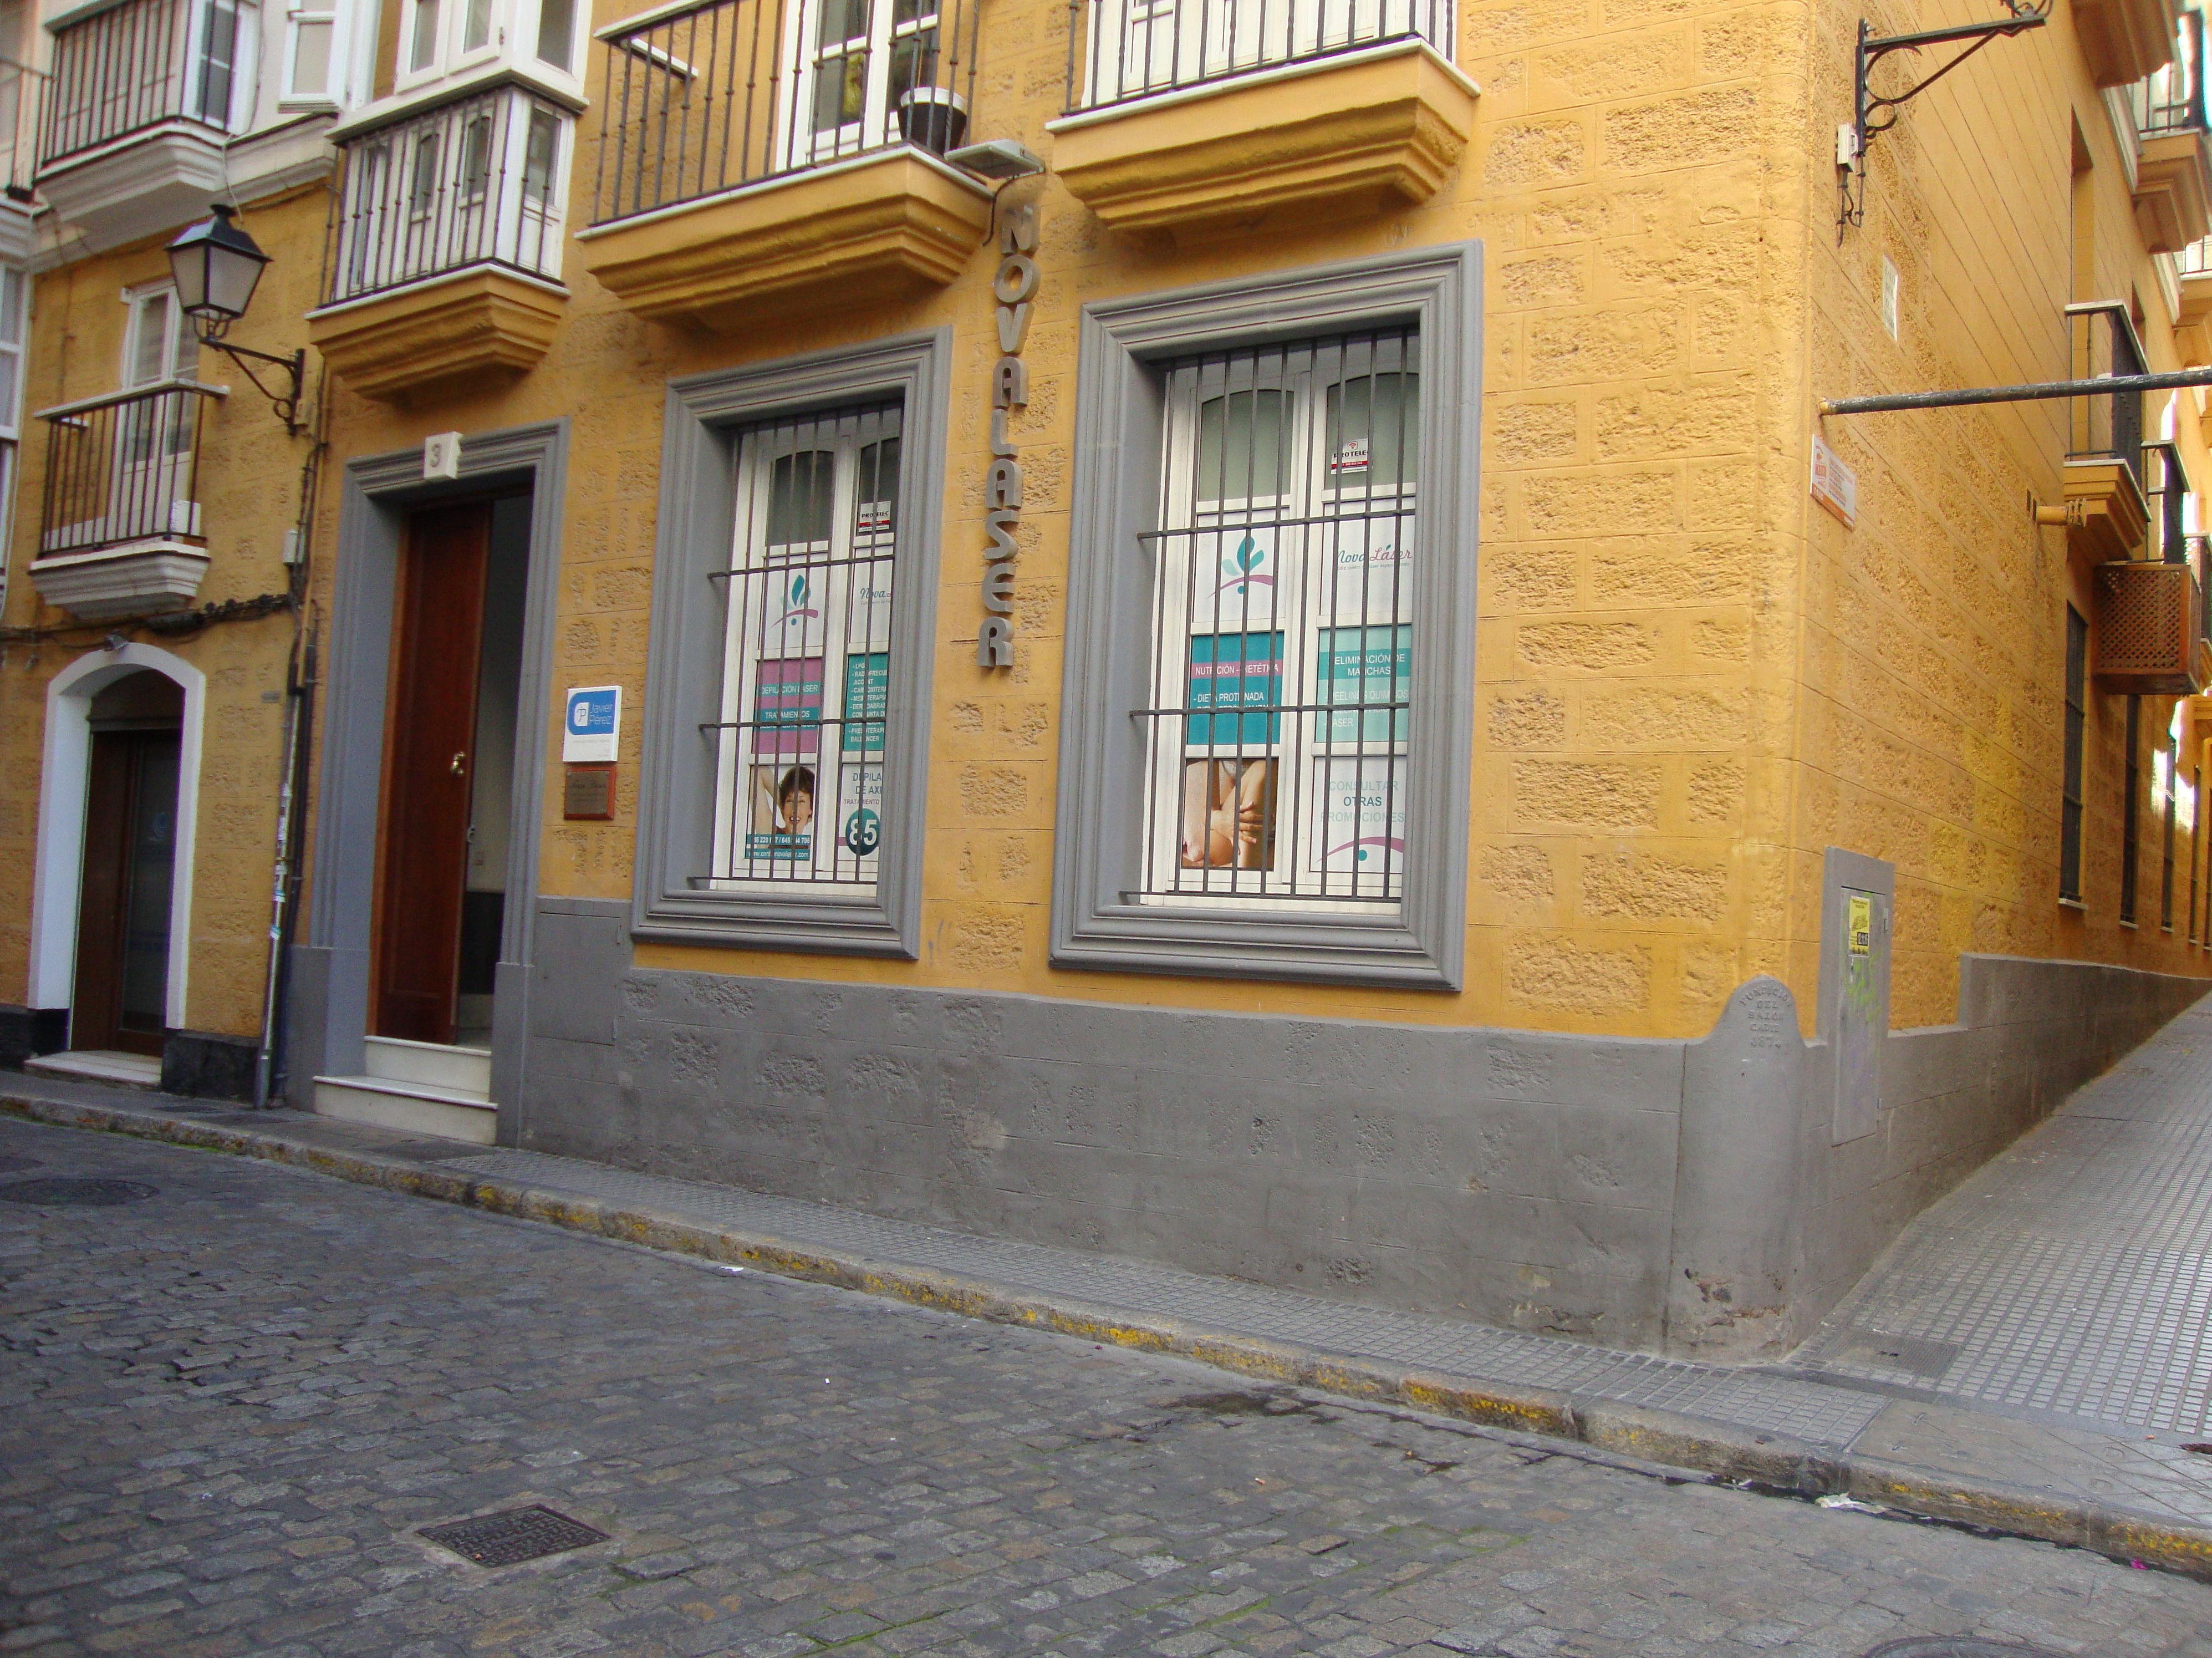 Clínica dental en el centro de Cádiz